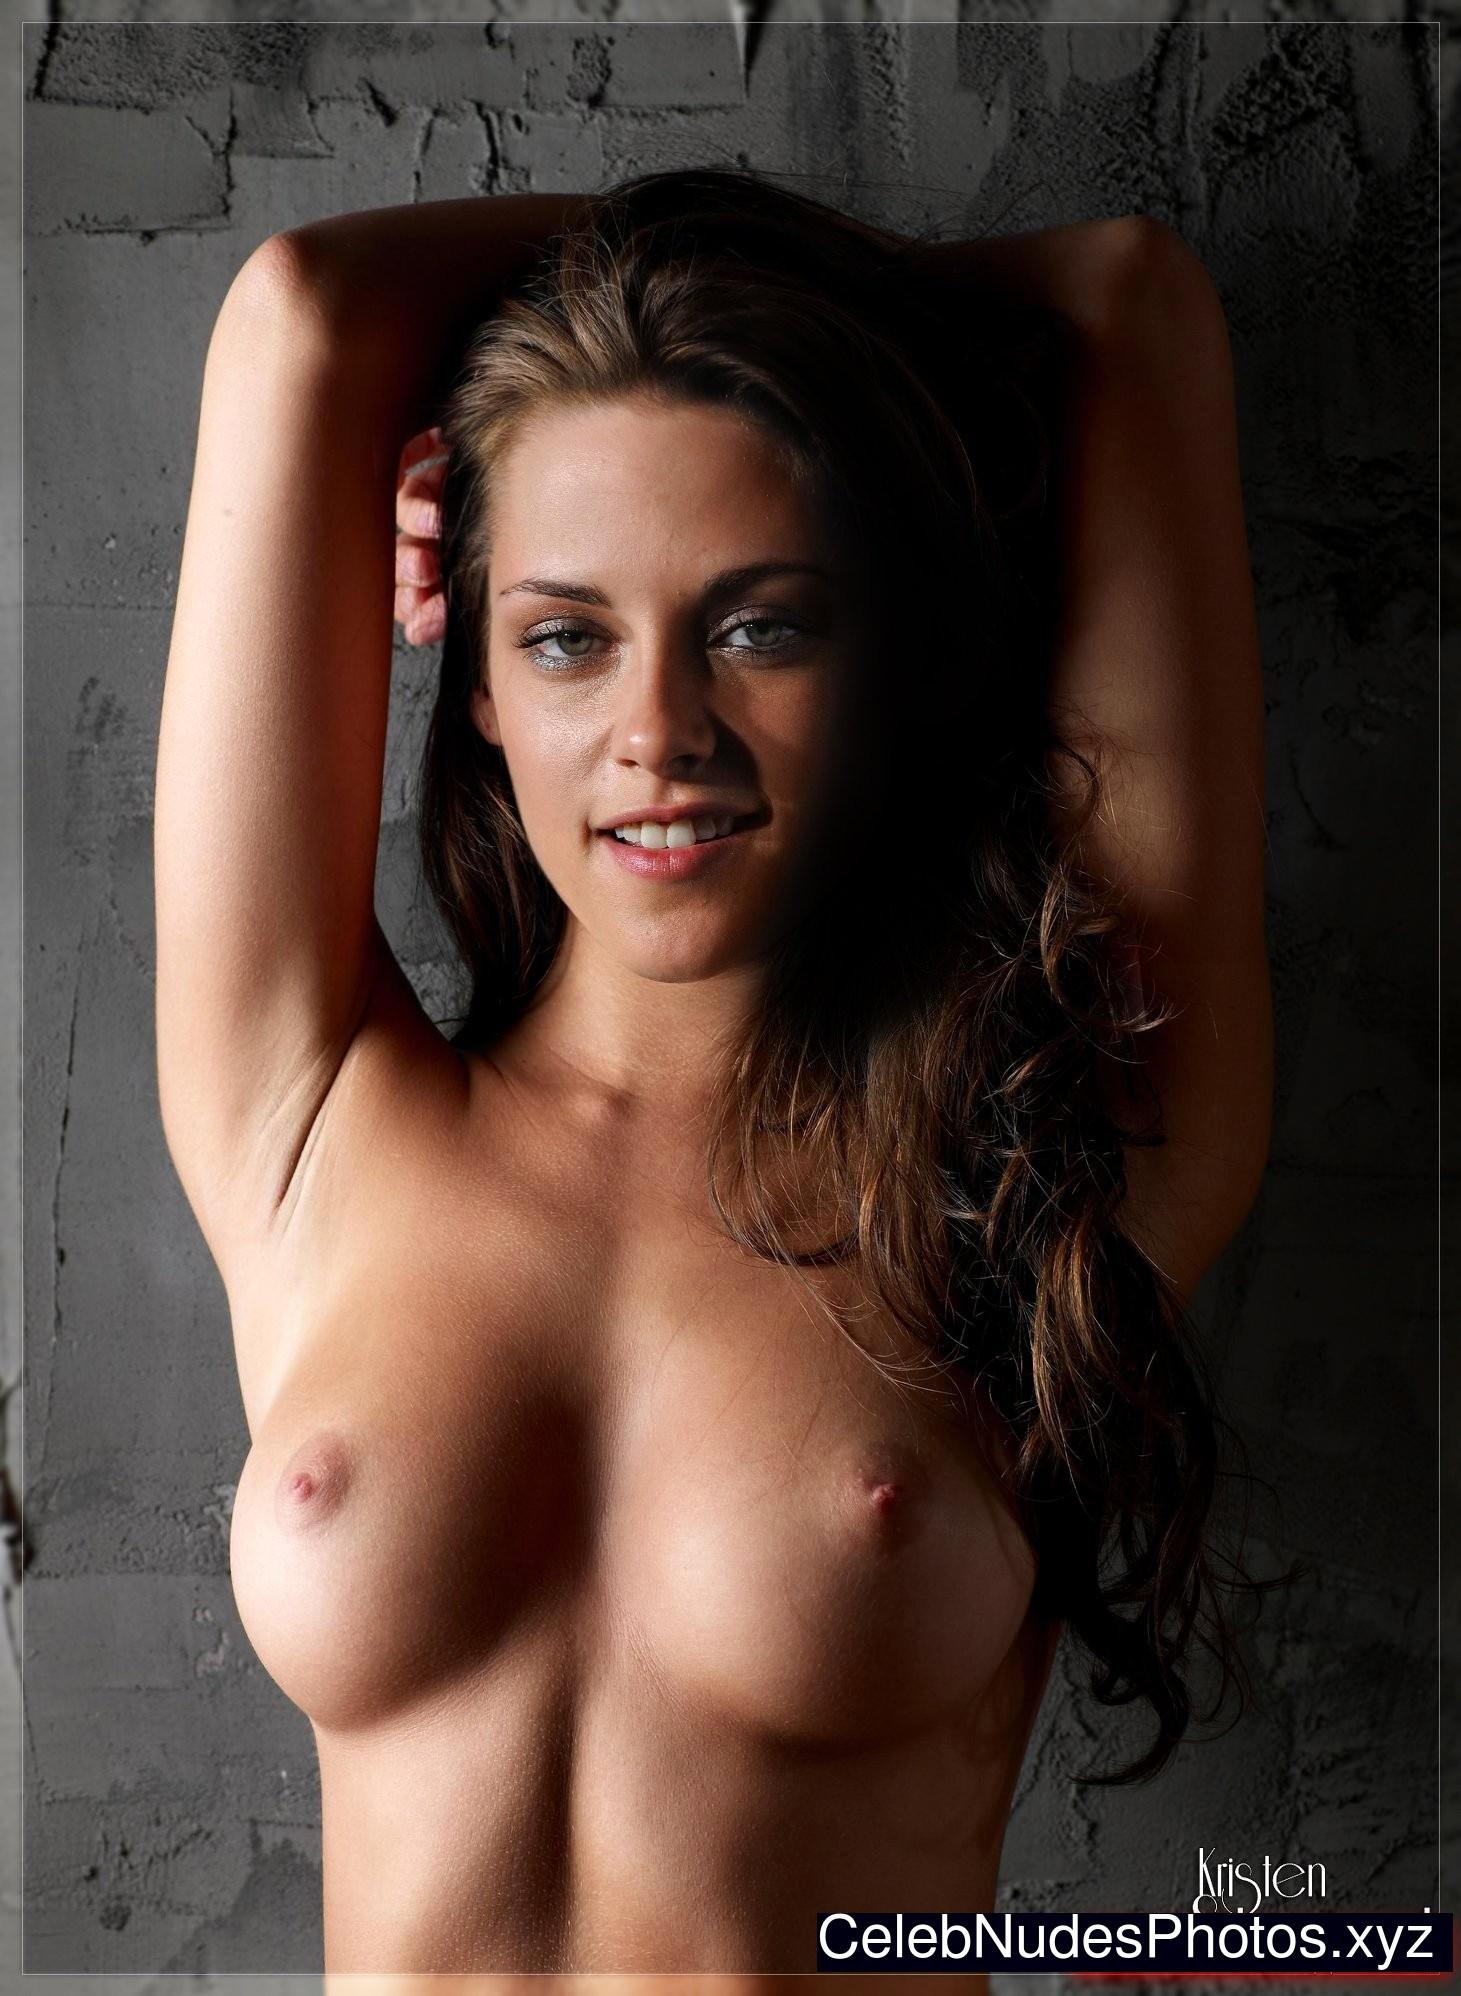 Nude photos celebrities